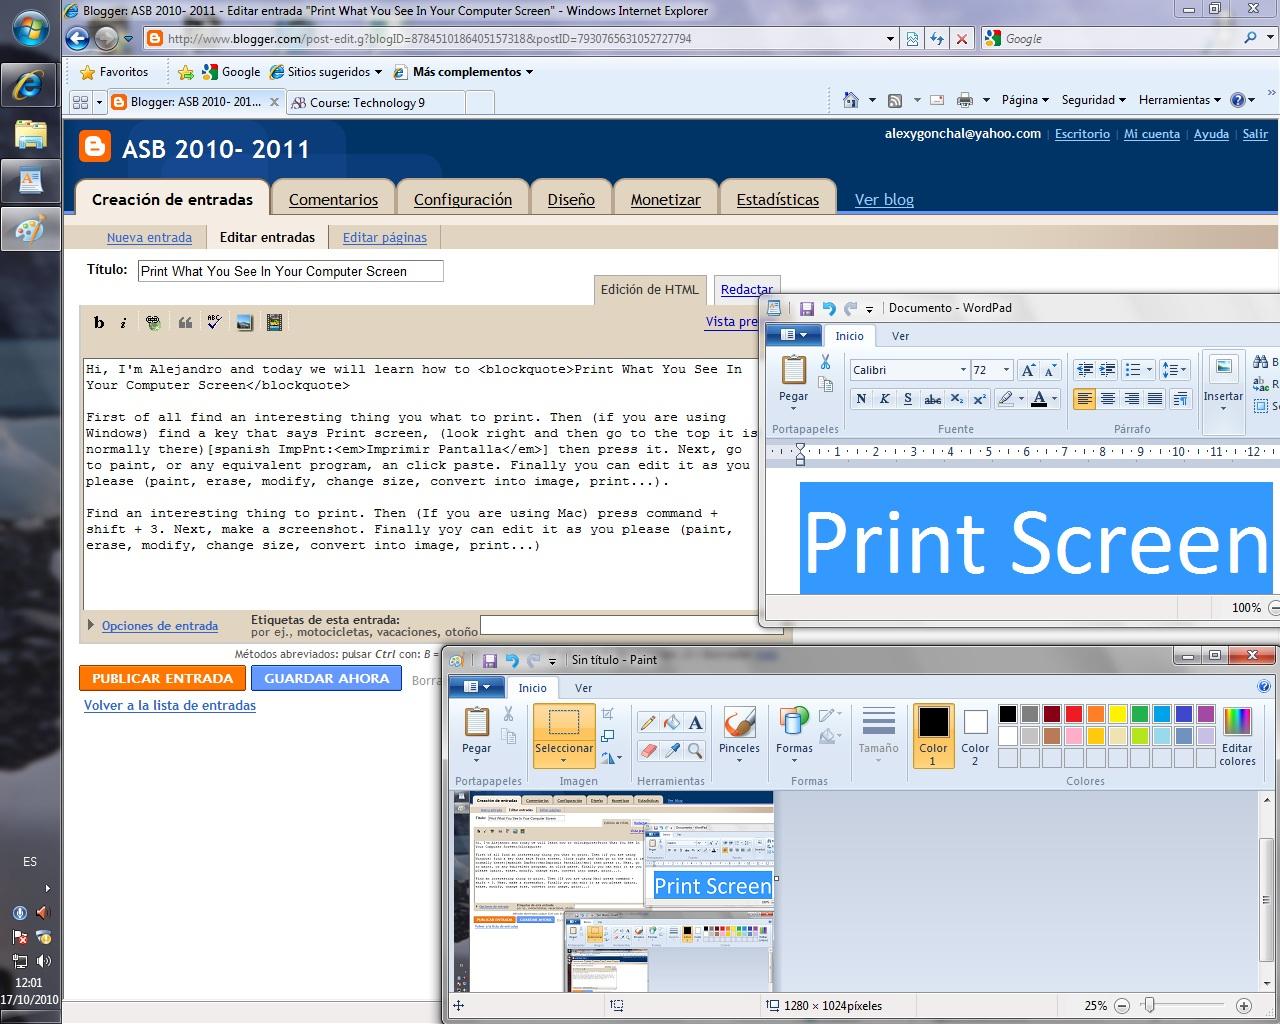 Imprimir Pantalla En Windows 7 Con Un Mac